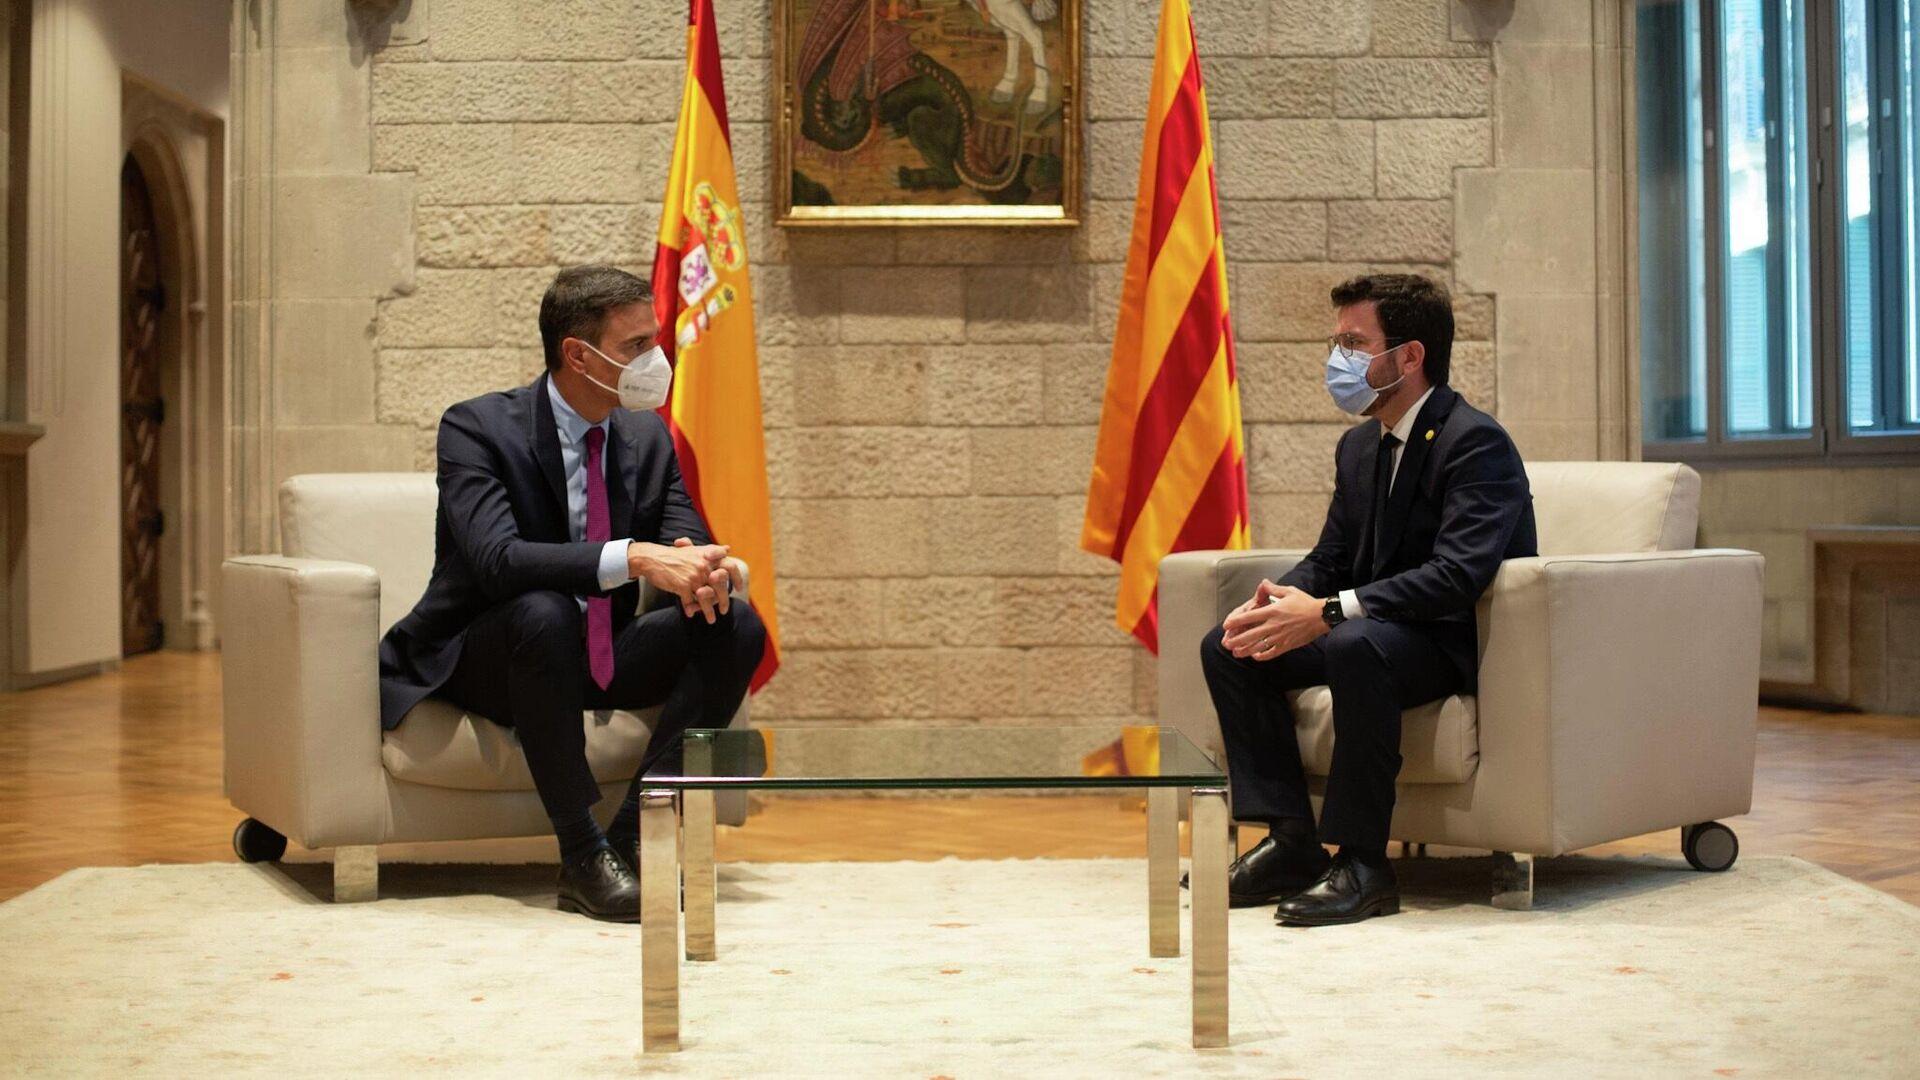 El presidente del Gobierno, Pedro Sánchez, reunido con el presidente de la Generalitat, Pere Aragonès - Sputnik Mundo, 1920, 15.09.2021